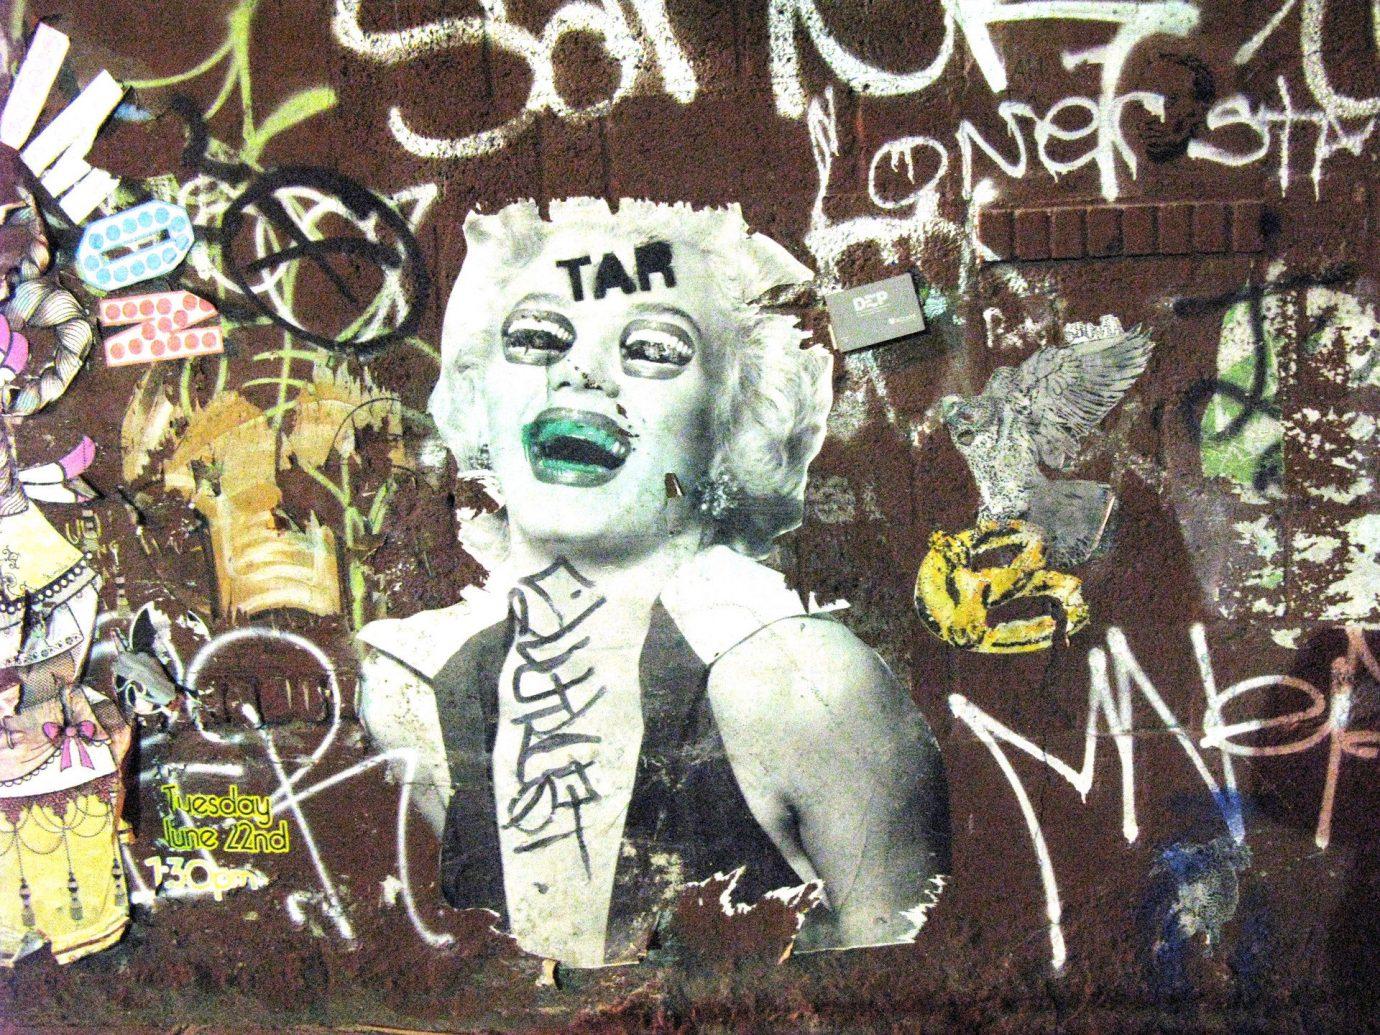 art Arts + Culture brick wall City city streets graffiti street art streets urban text